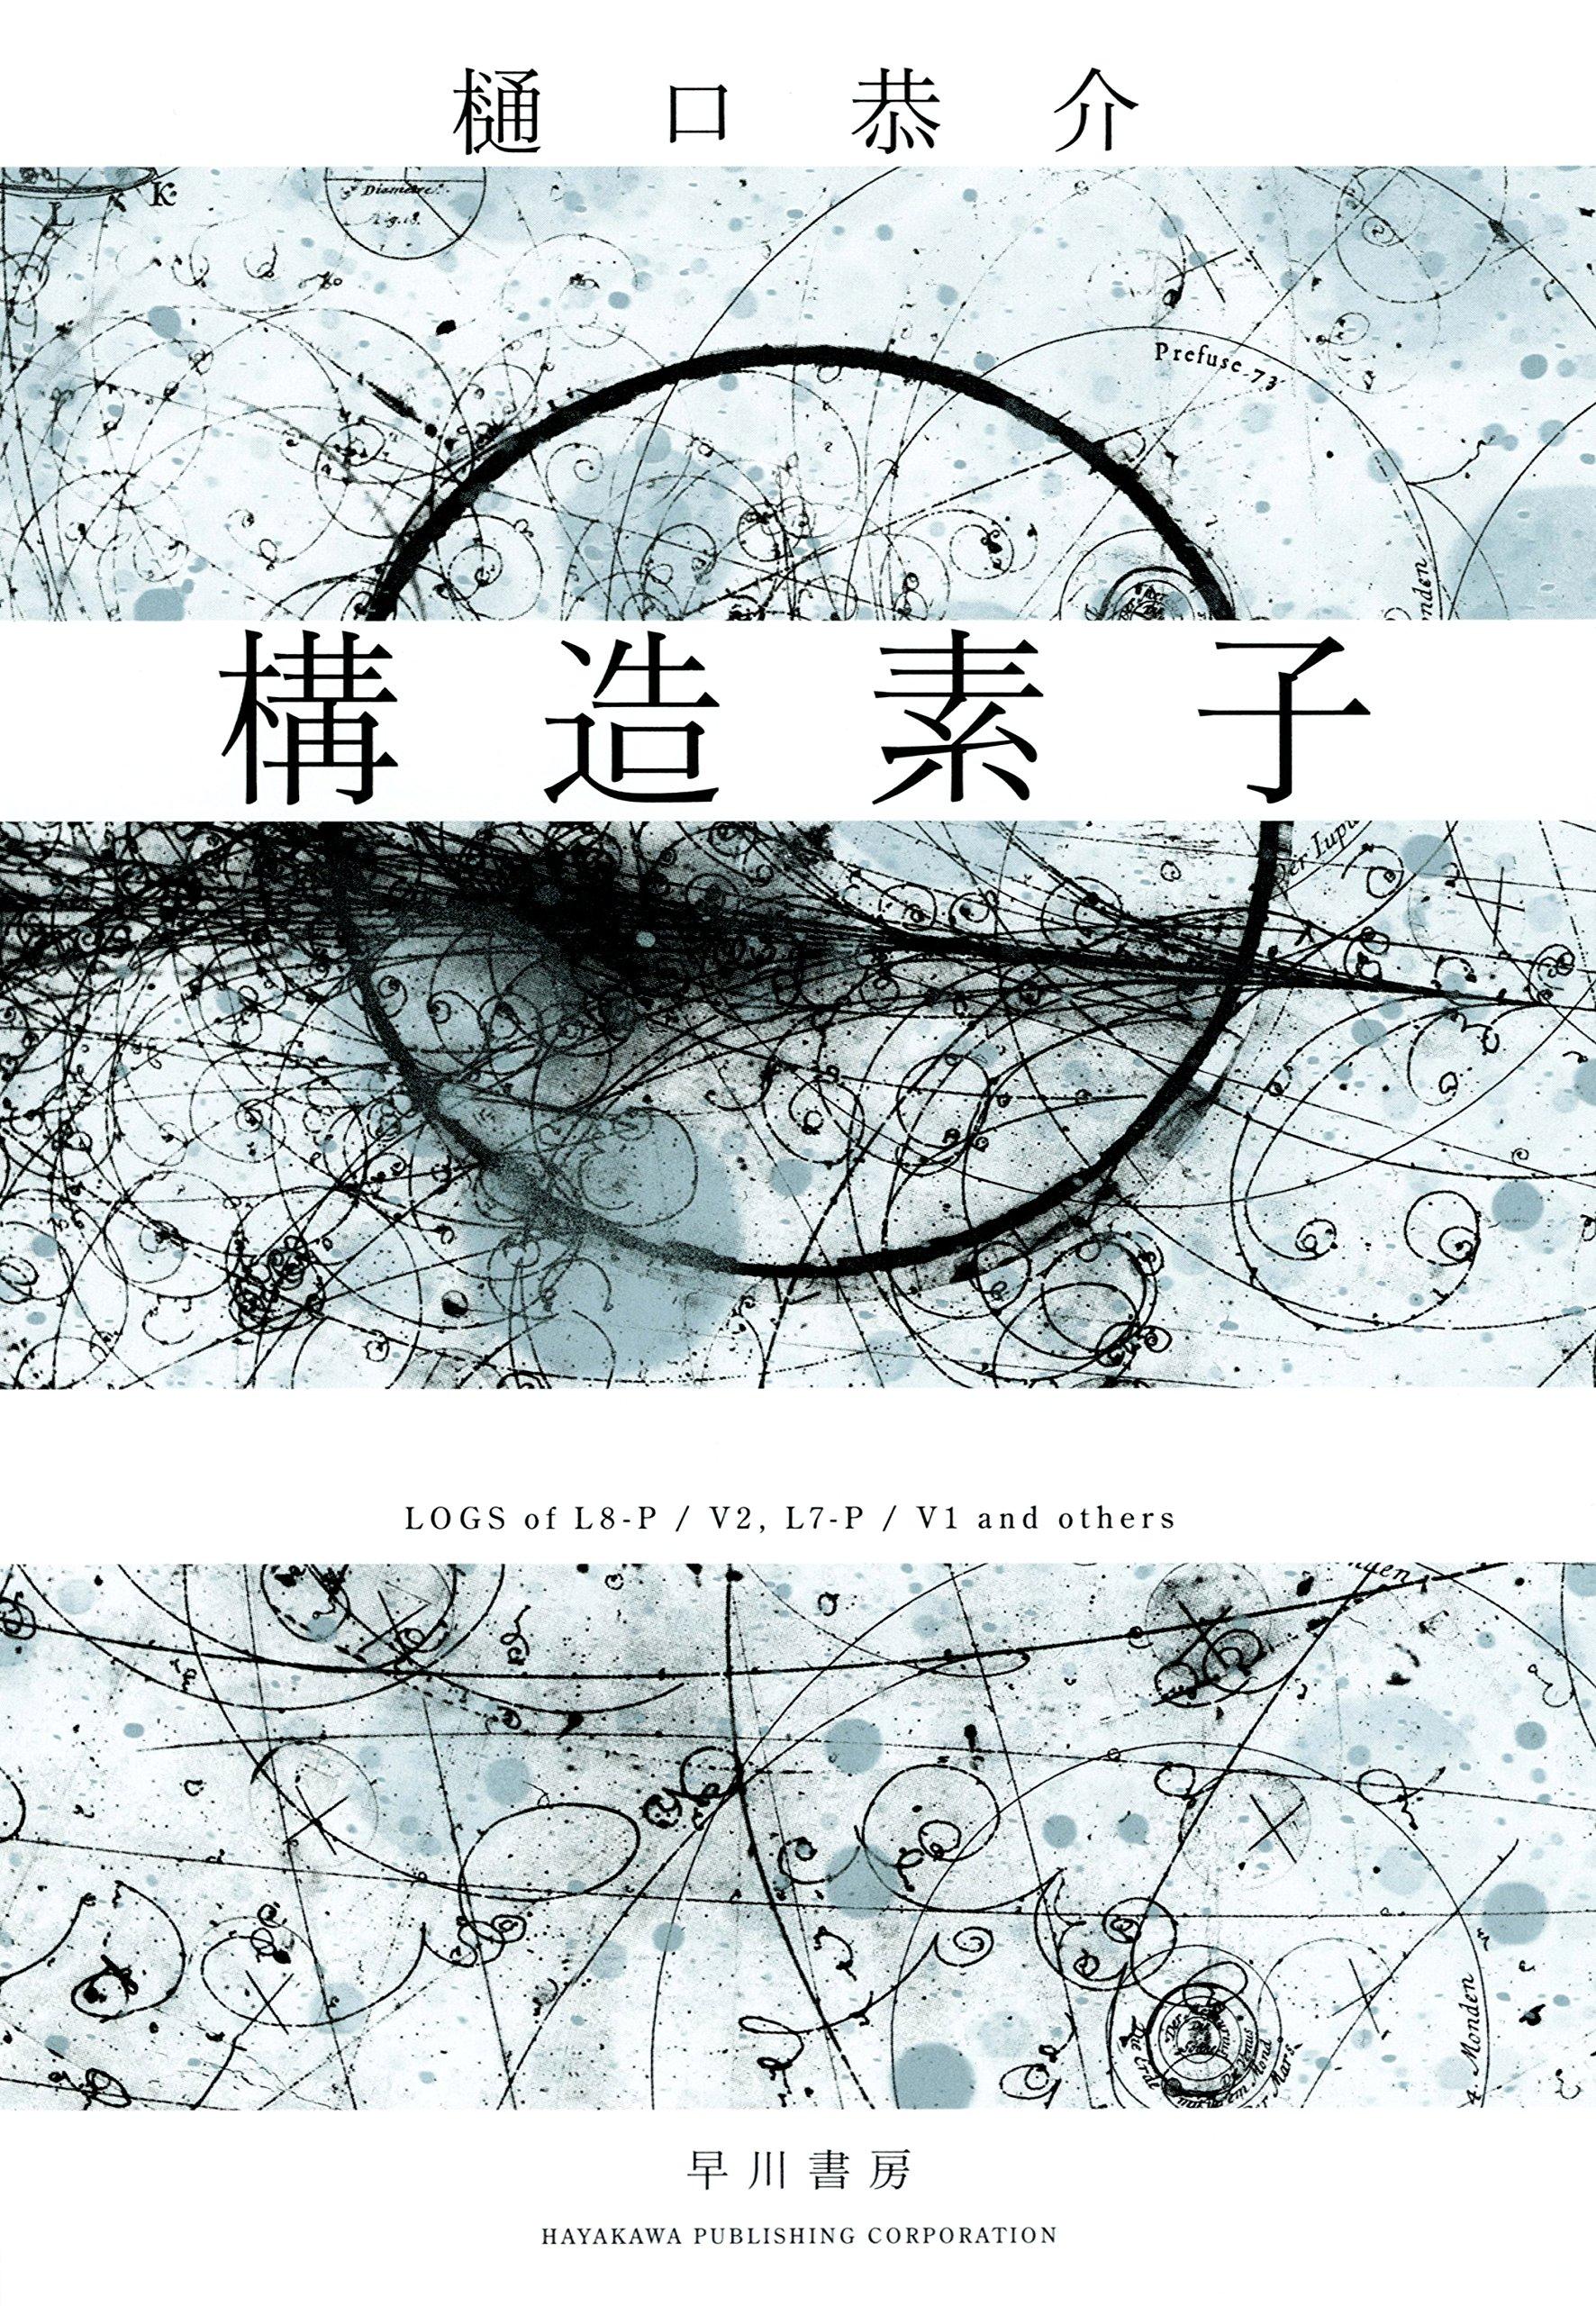 樋口恭介『構造素子』(早川書房)